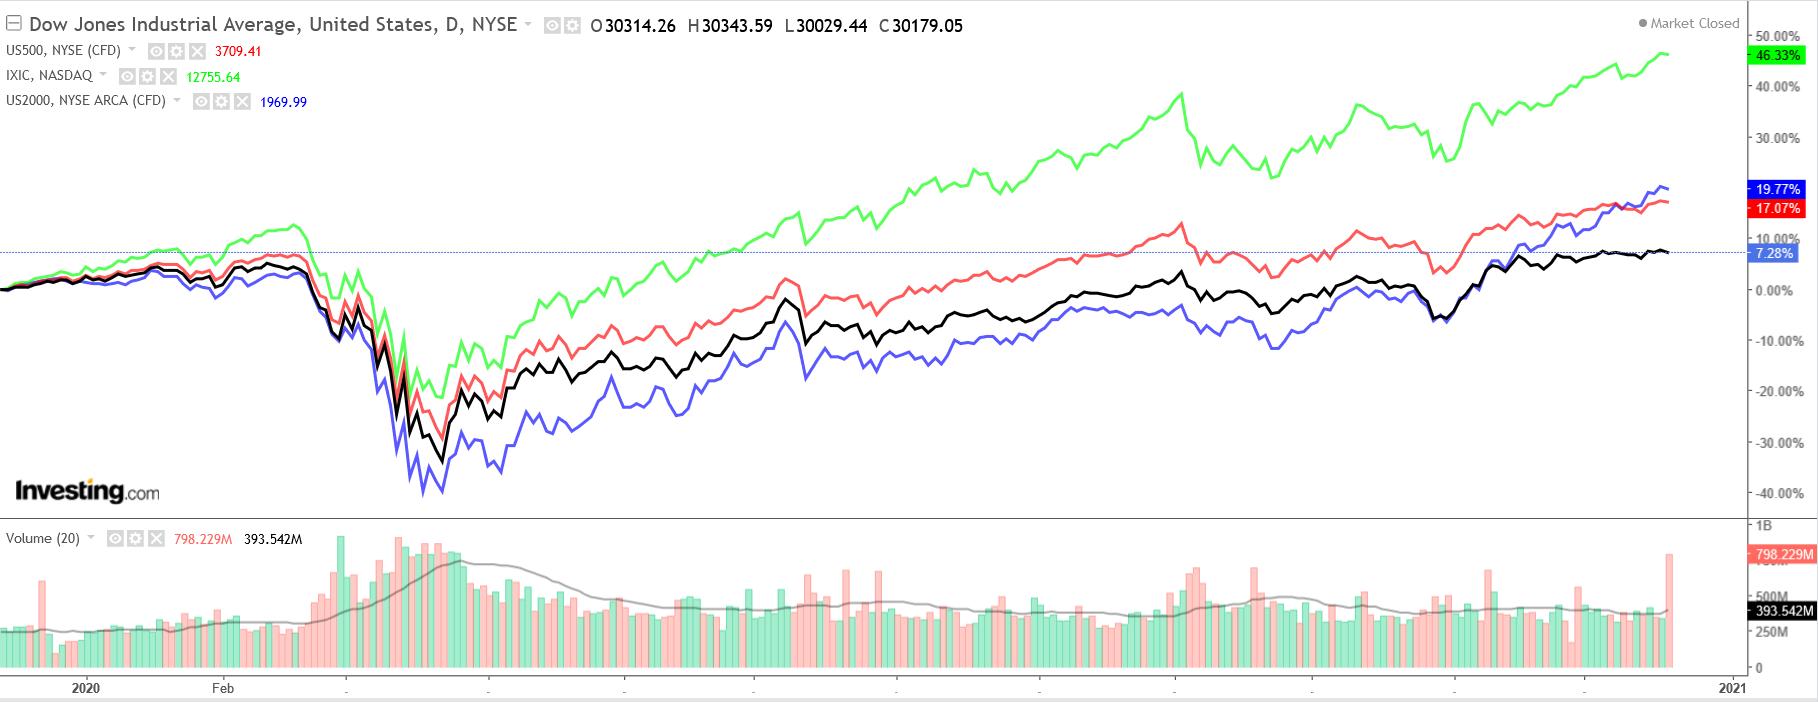 다우존스, S&P 500, 나스닥 종합지수 일간 차트